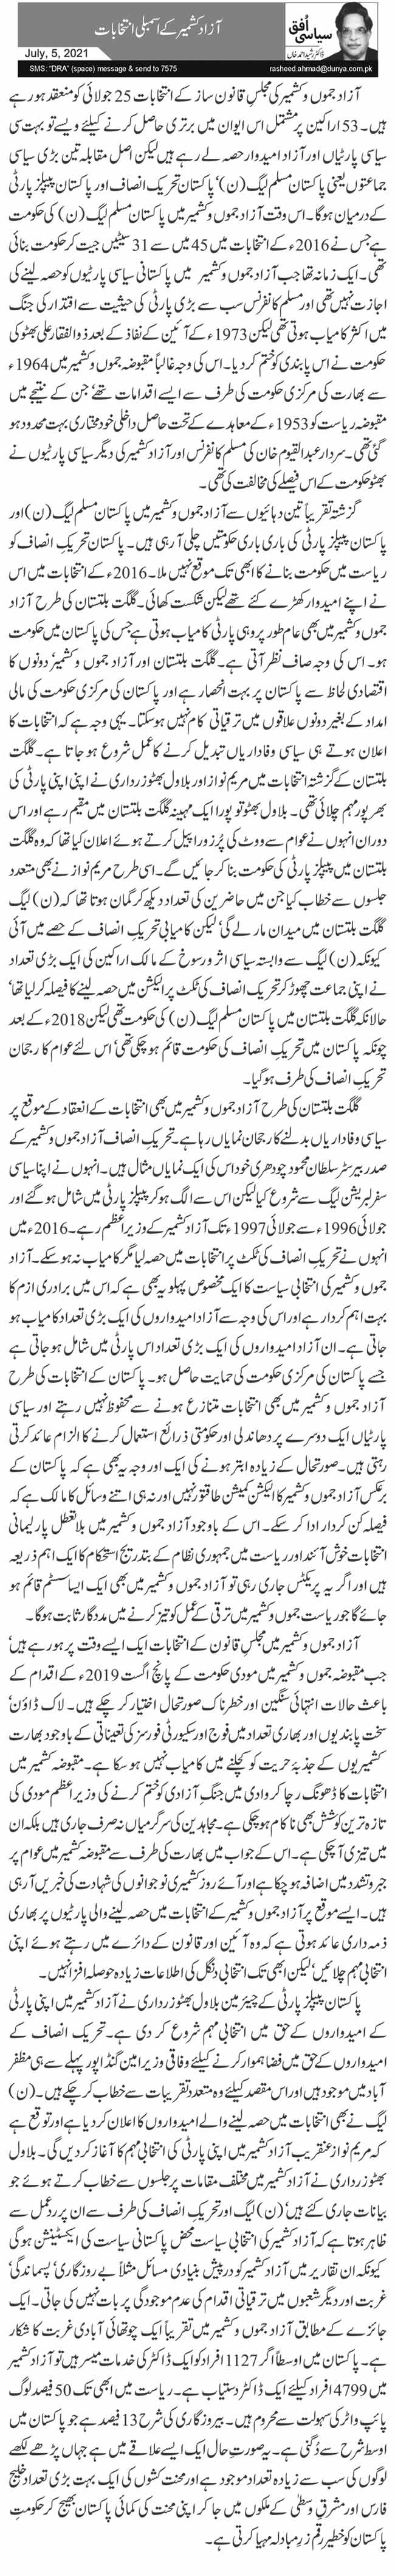 آزاد کشمیر کے اسمبلی انتخابات